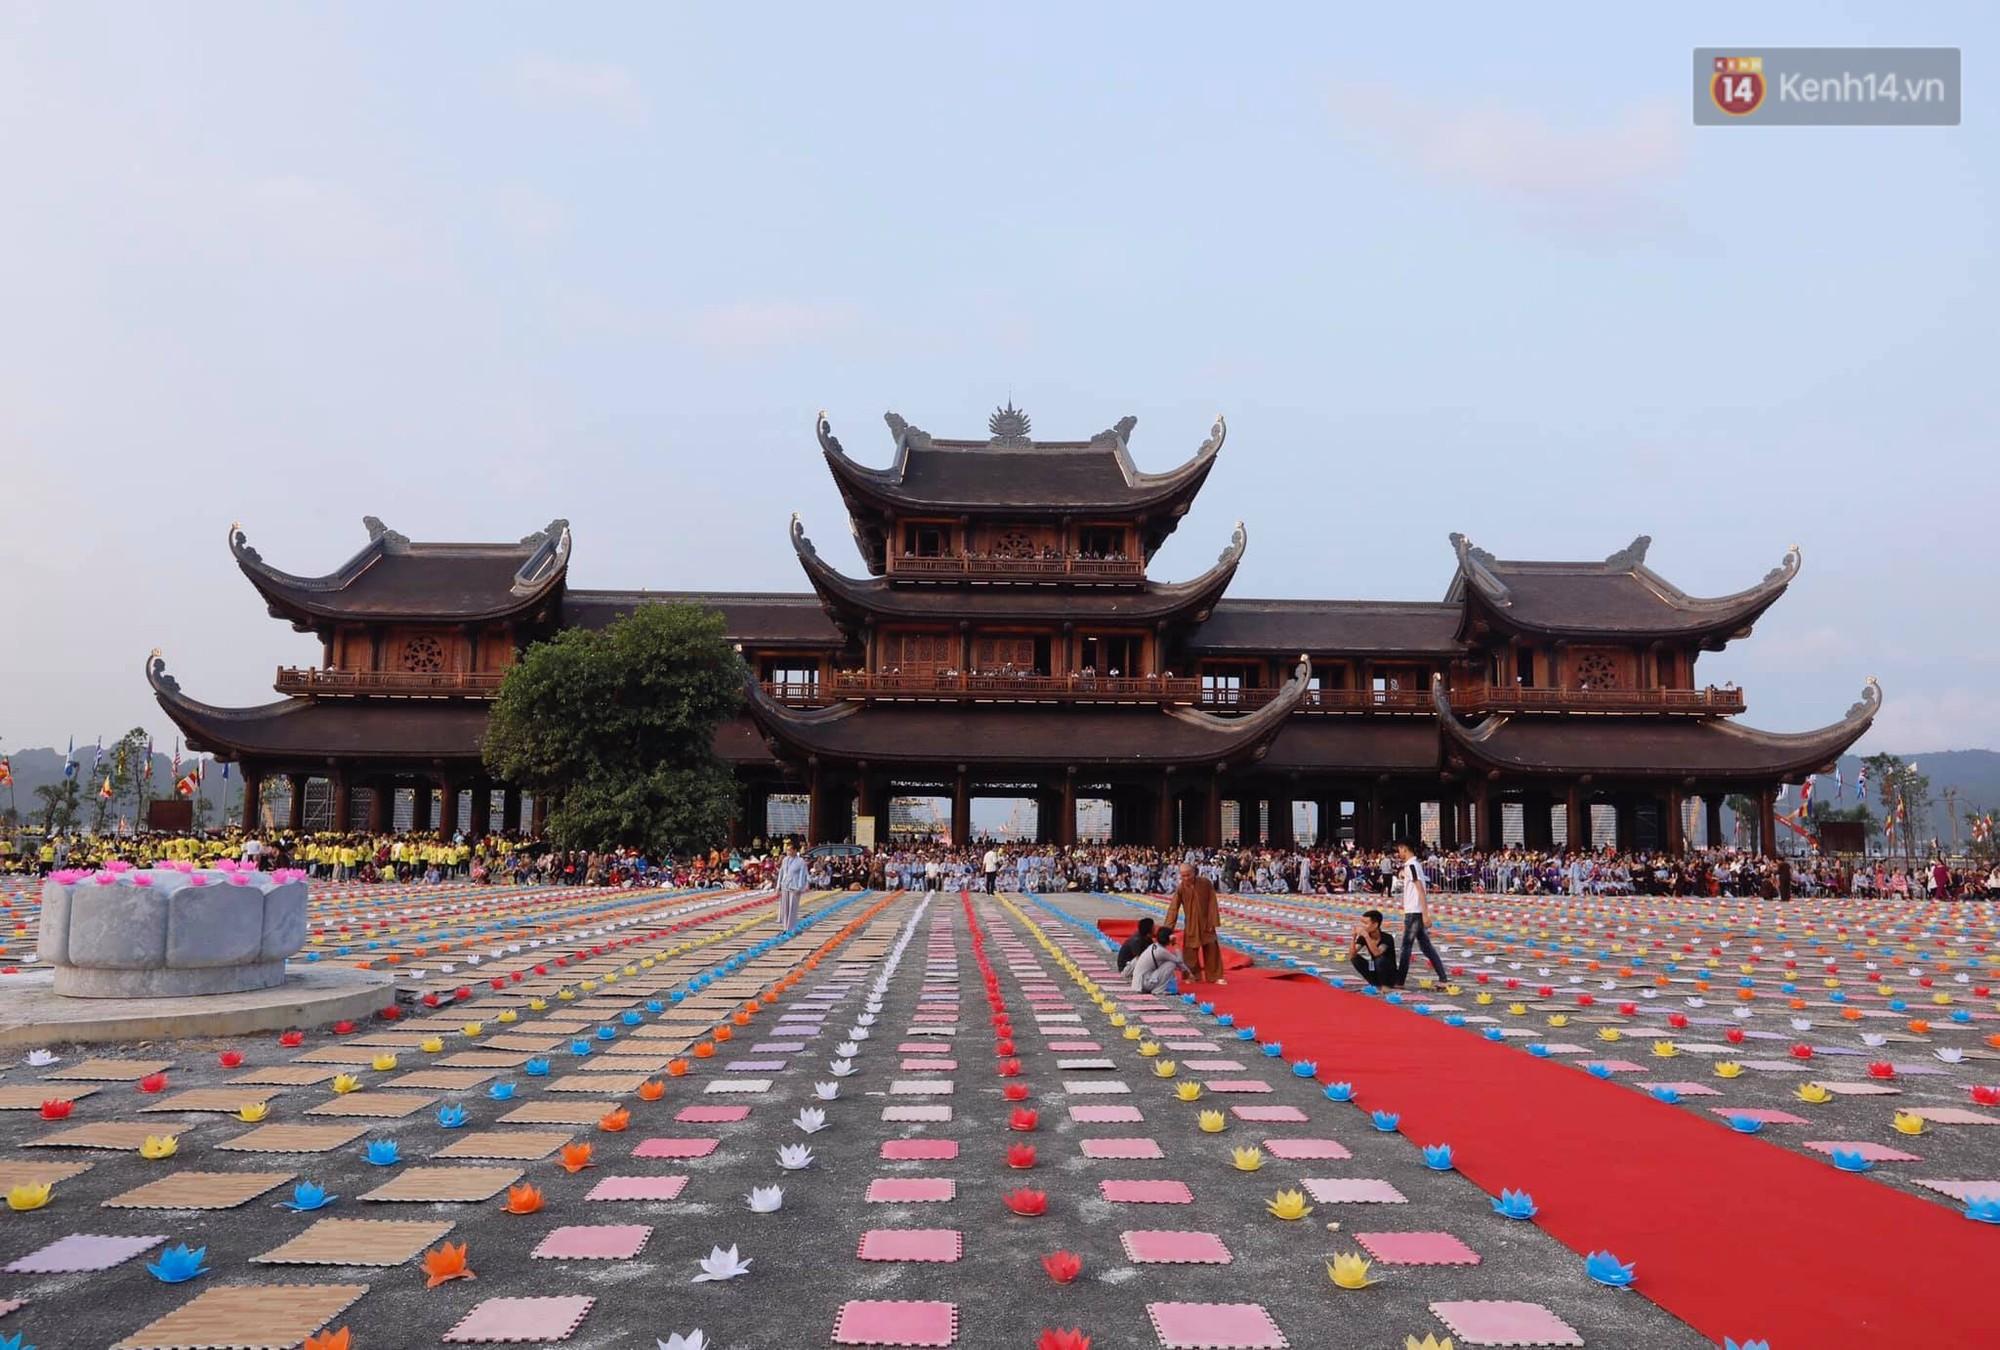 Hàng vạn người tham gia buổi lễ cầu nguyện hoà bình và hoa đăng tại chùa Tam Chúc - Ảnh 4.